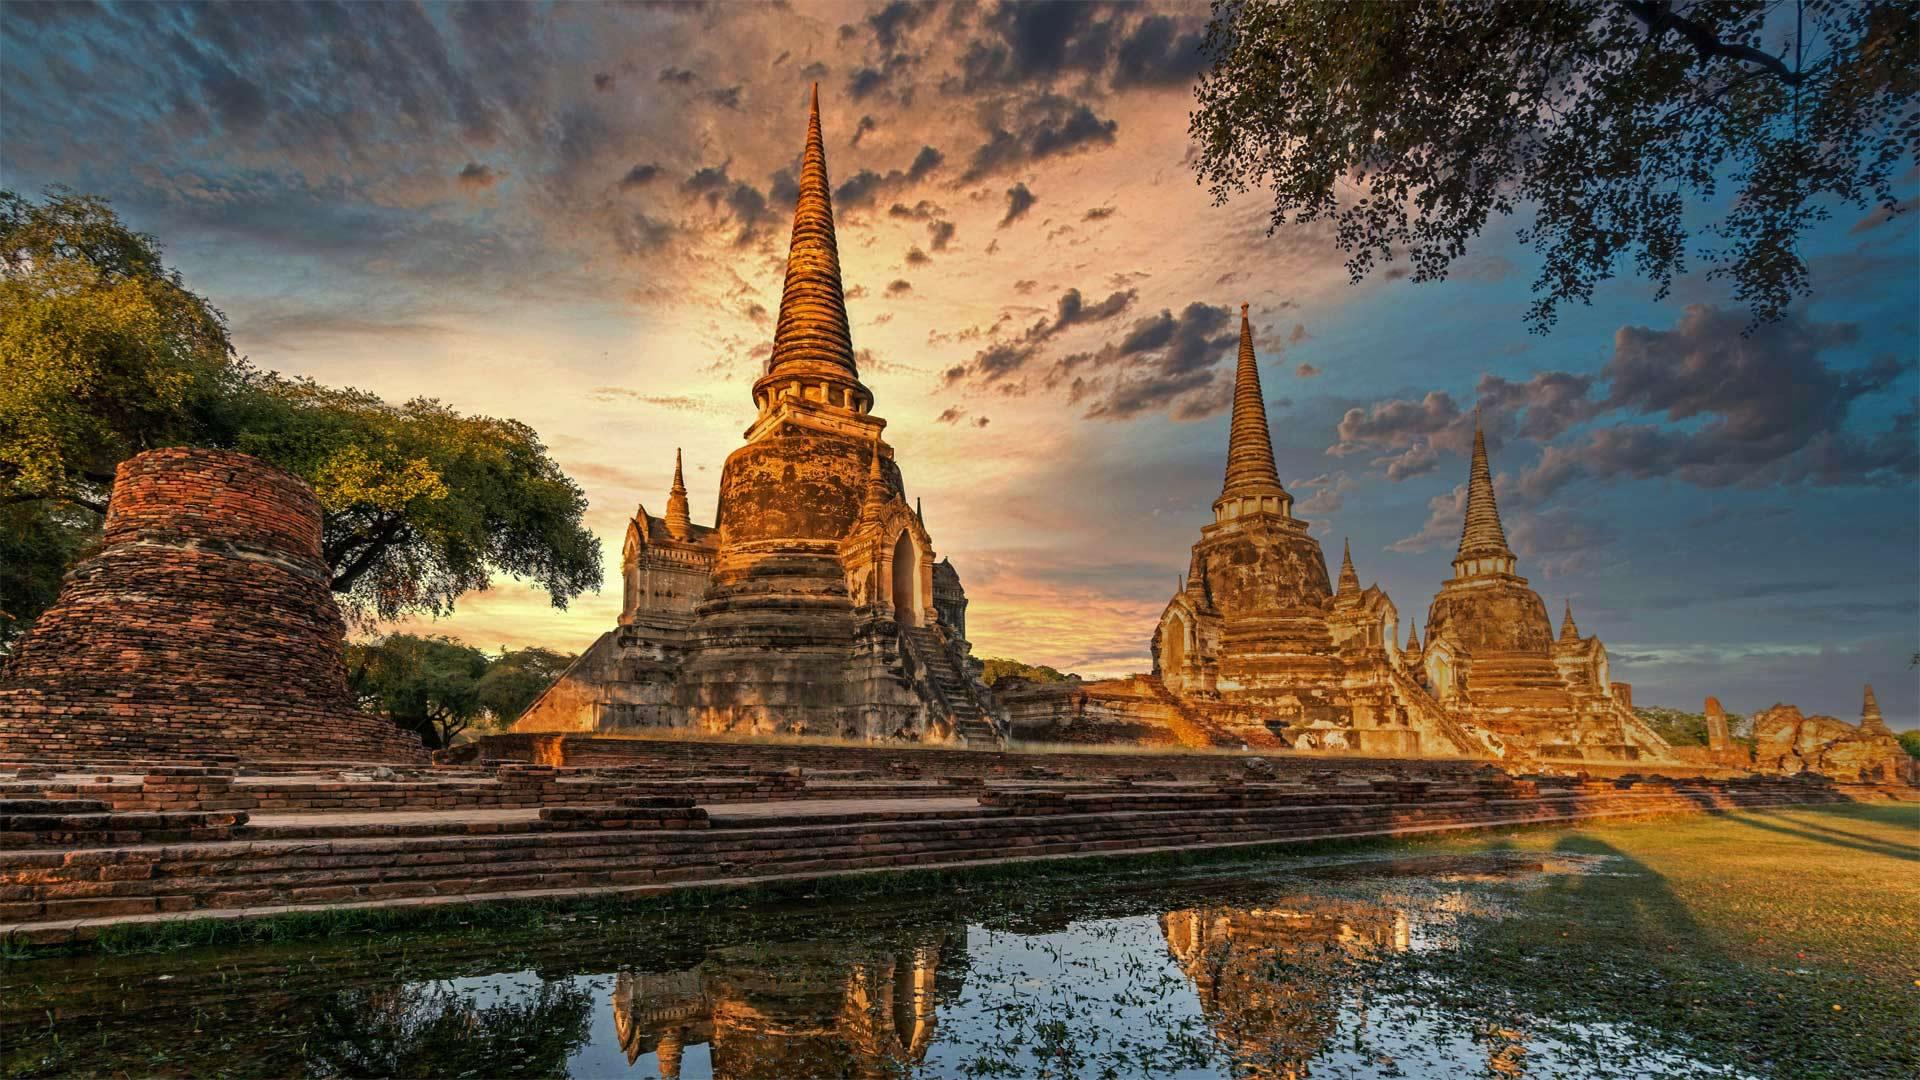 「ワット・プラシーサンペット」タイ, アユタヤ (© travelstock44/Alamy Stock Photo)